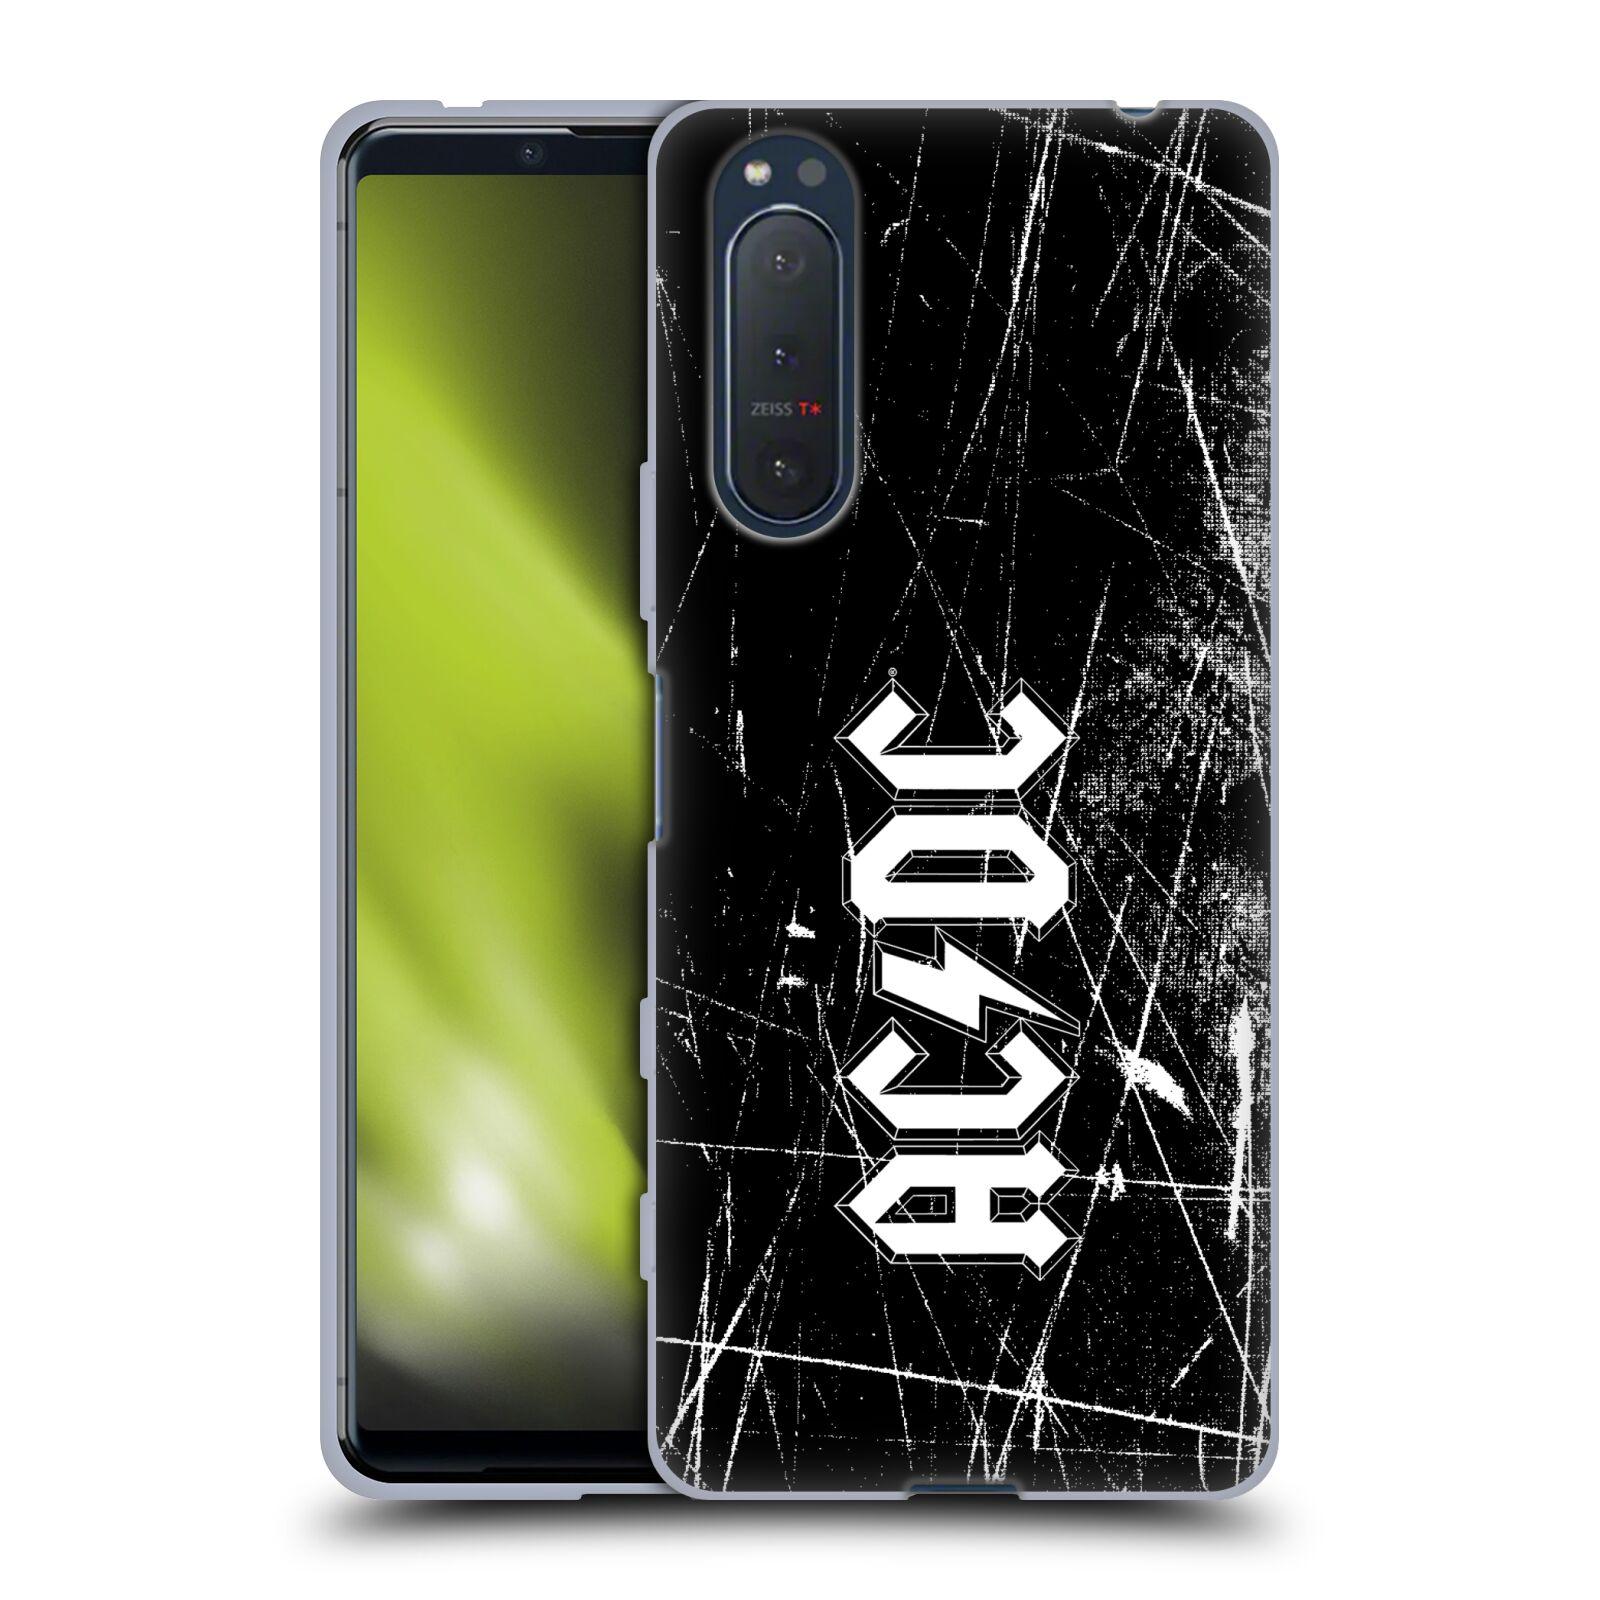 Silikonové pouzdro na mobil Sony Xperia 5 II - Head Case - AC/DC Černobílé logo